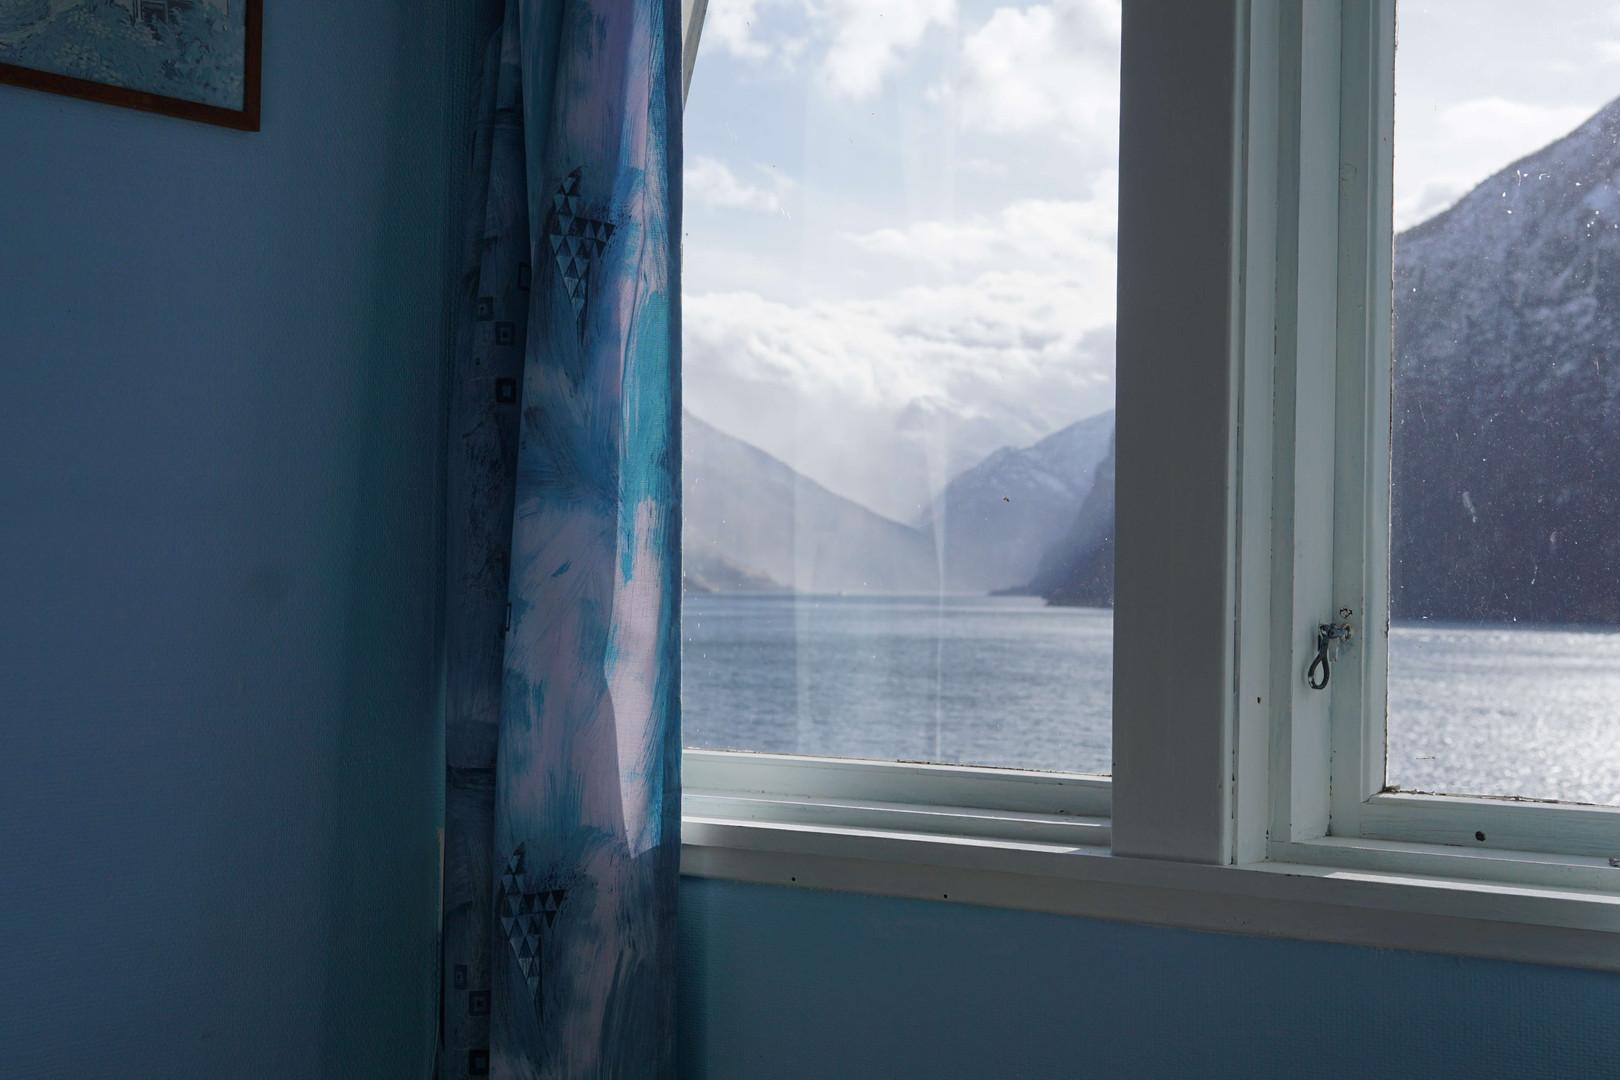 Det blå rommet